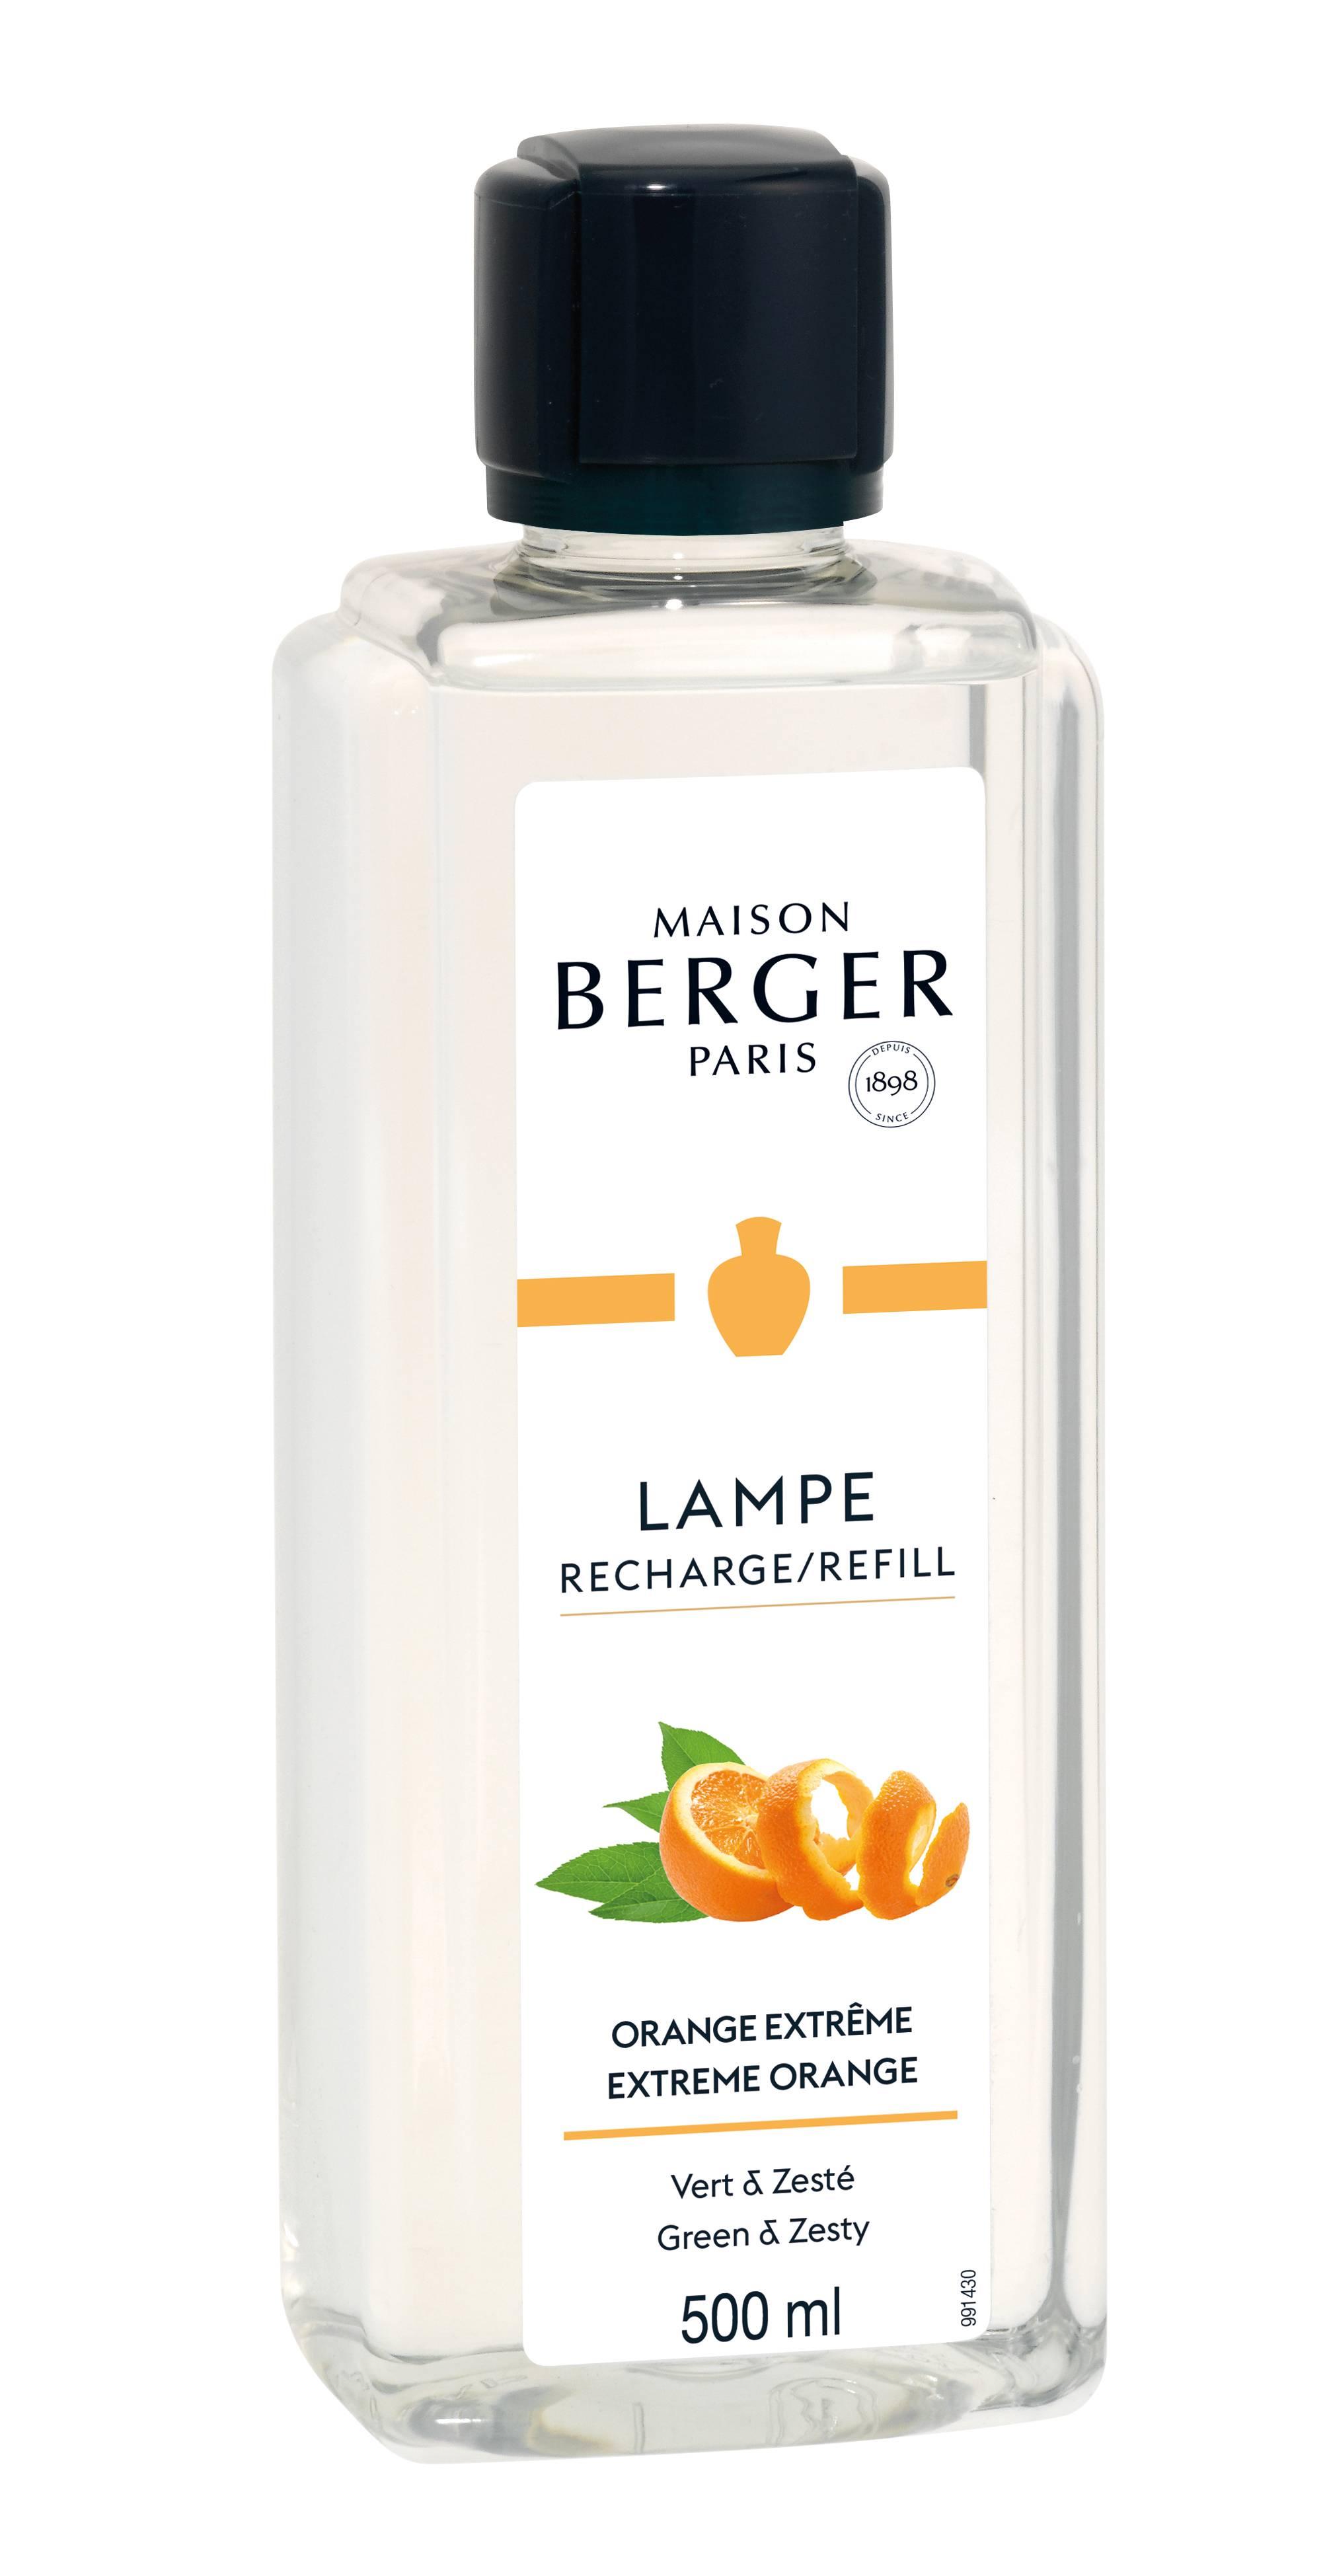 lampe-berger-navulling-500ml-extreme-orange